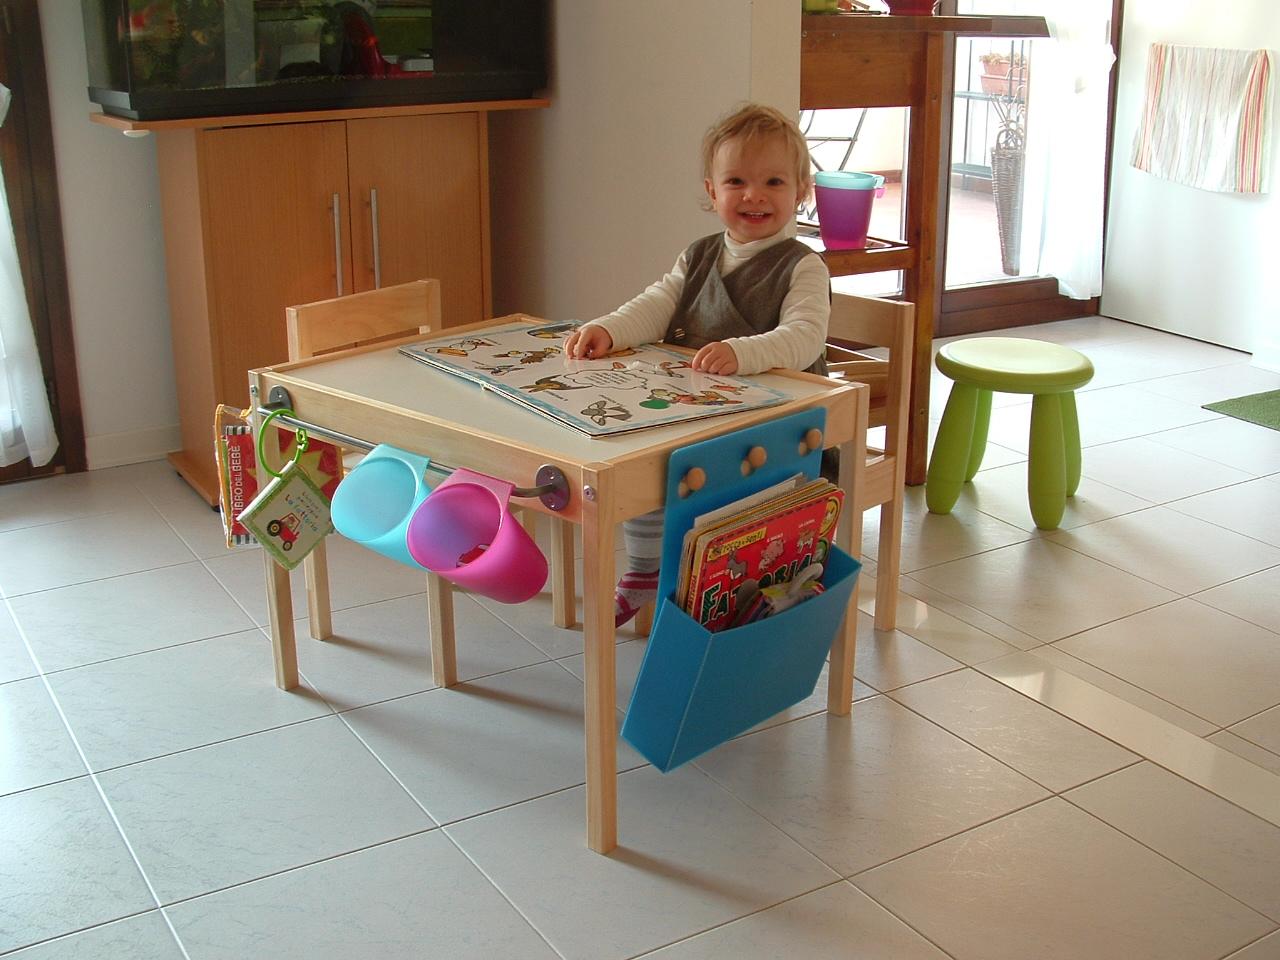 Детский столик со стульчиком (104 фото): деревянный стол и стул для ребенка 2 года, музыкальное пианино